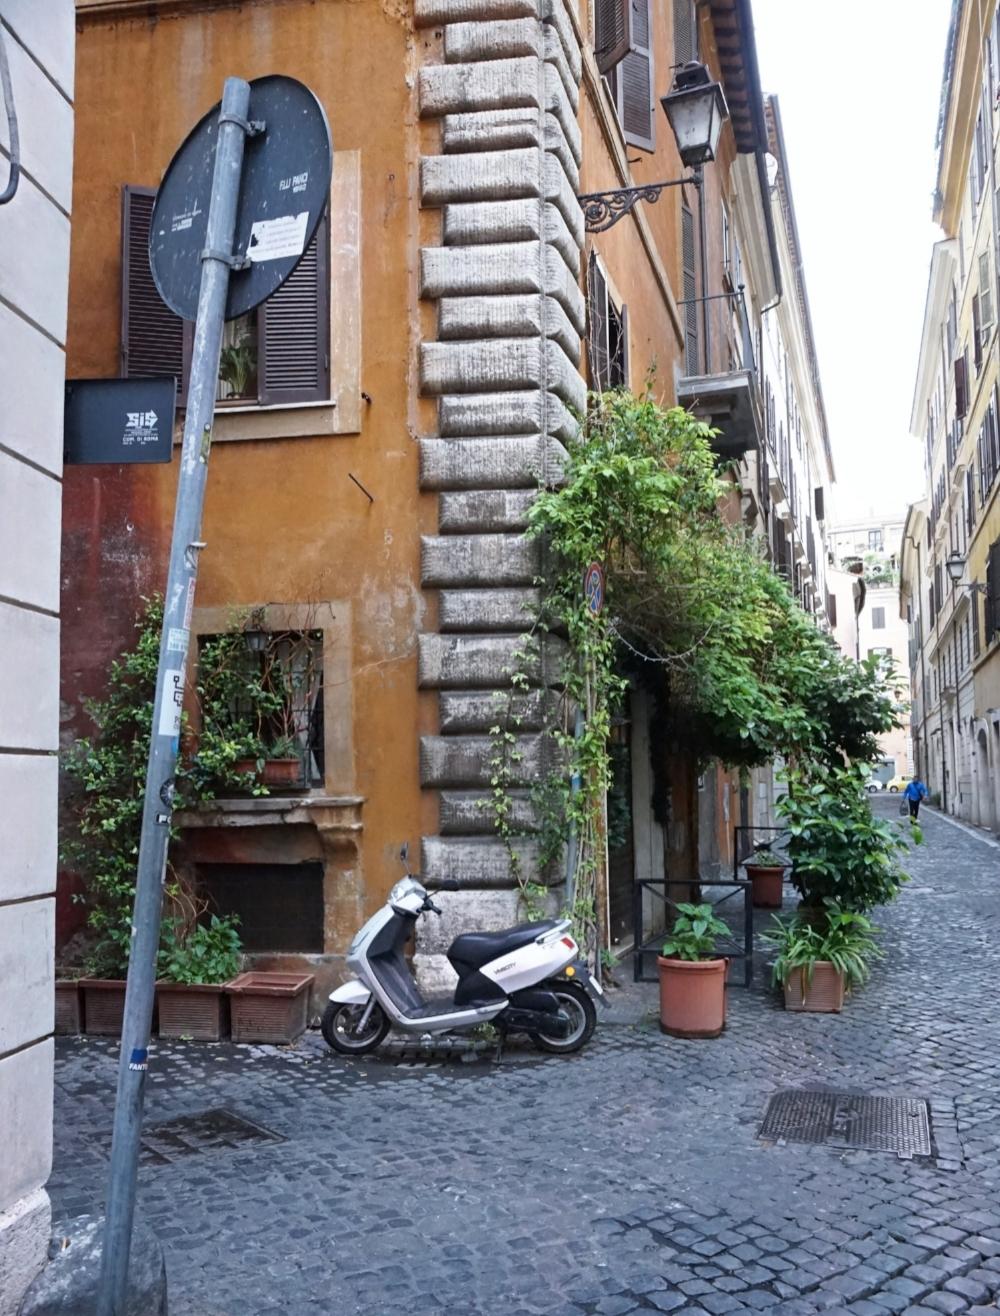 classic Rome Italian picture